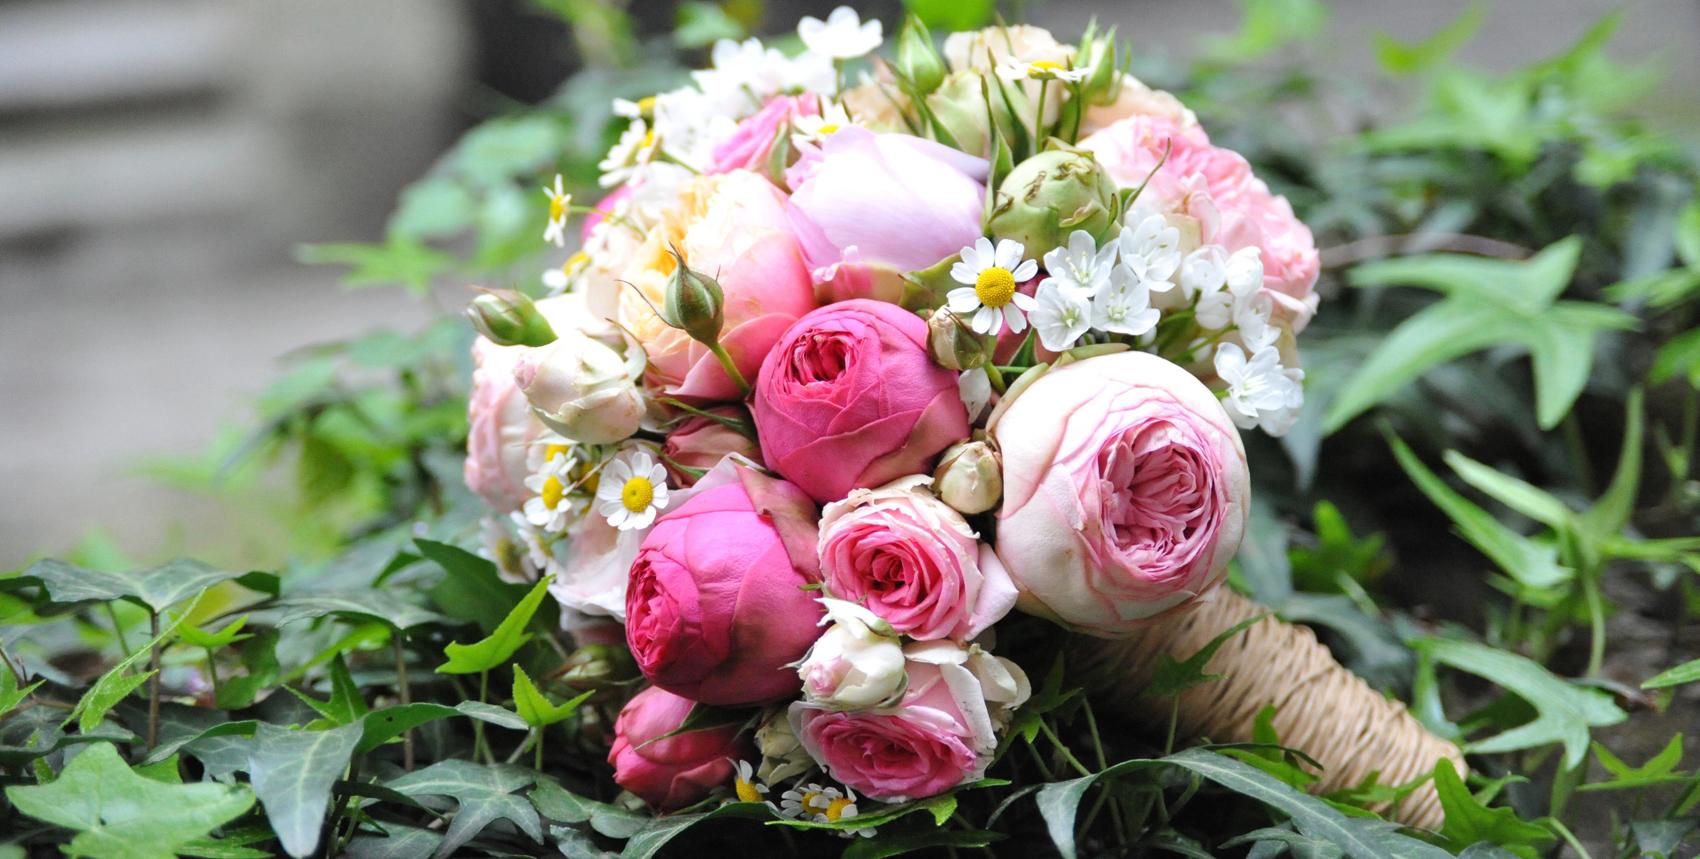 Hochzeitsfloristik Brautstrauss bestehend aus Pfingstrosen normalen Rosen in rosa Toenen und anderer kleiner weißen Blumen mit einer hellbraunen Schnur zusammengebunden in Efeu liegend